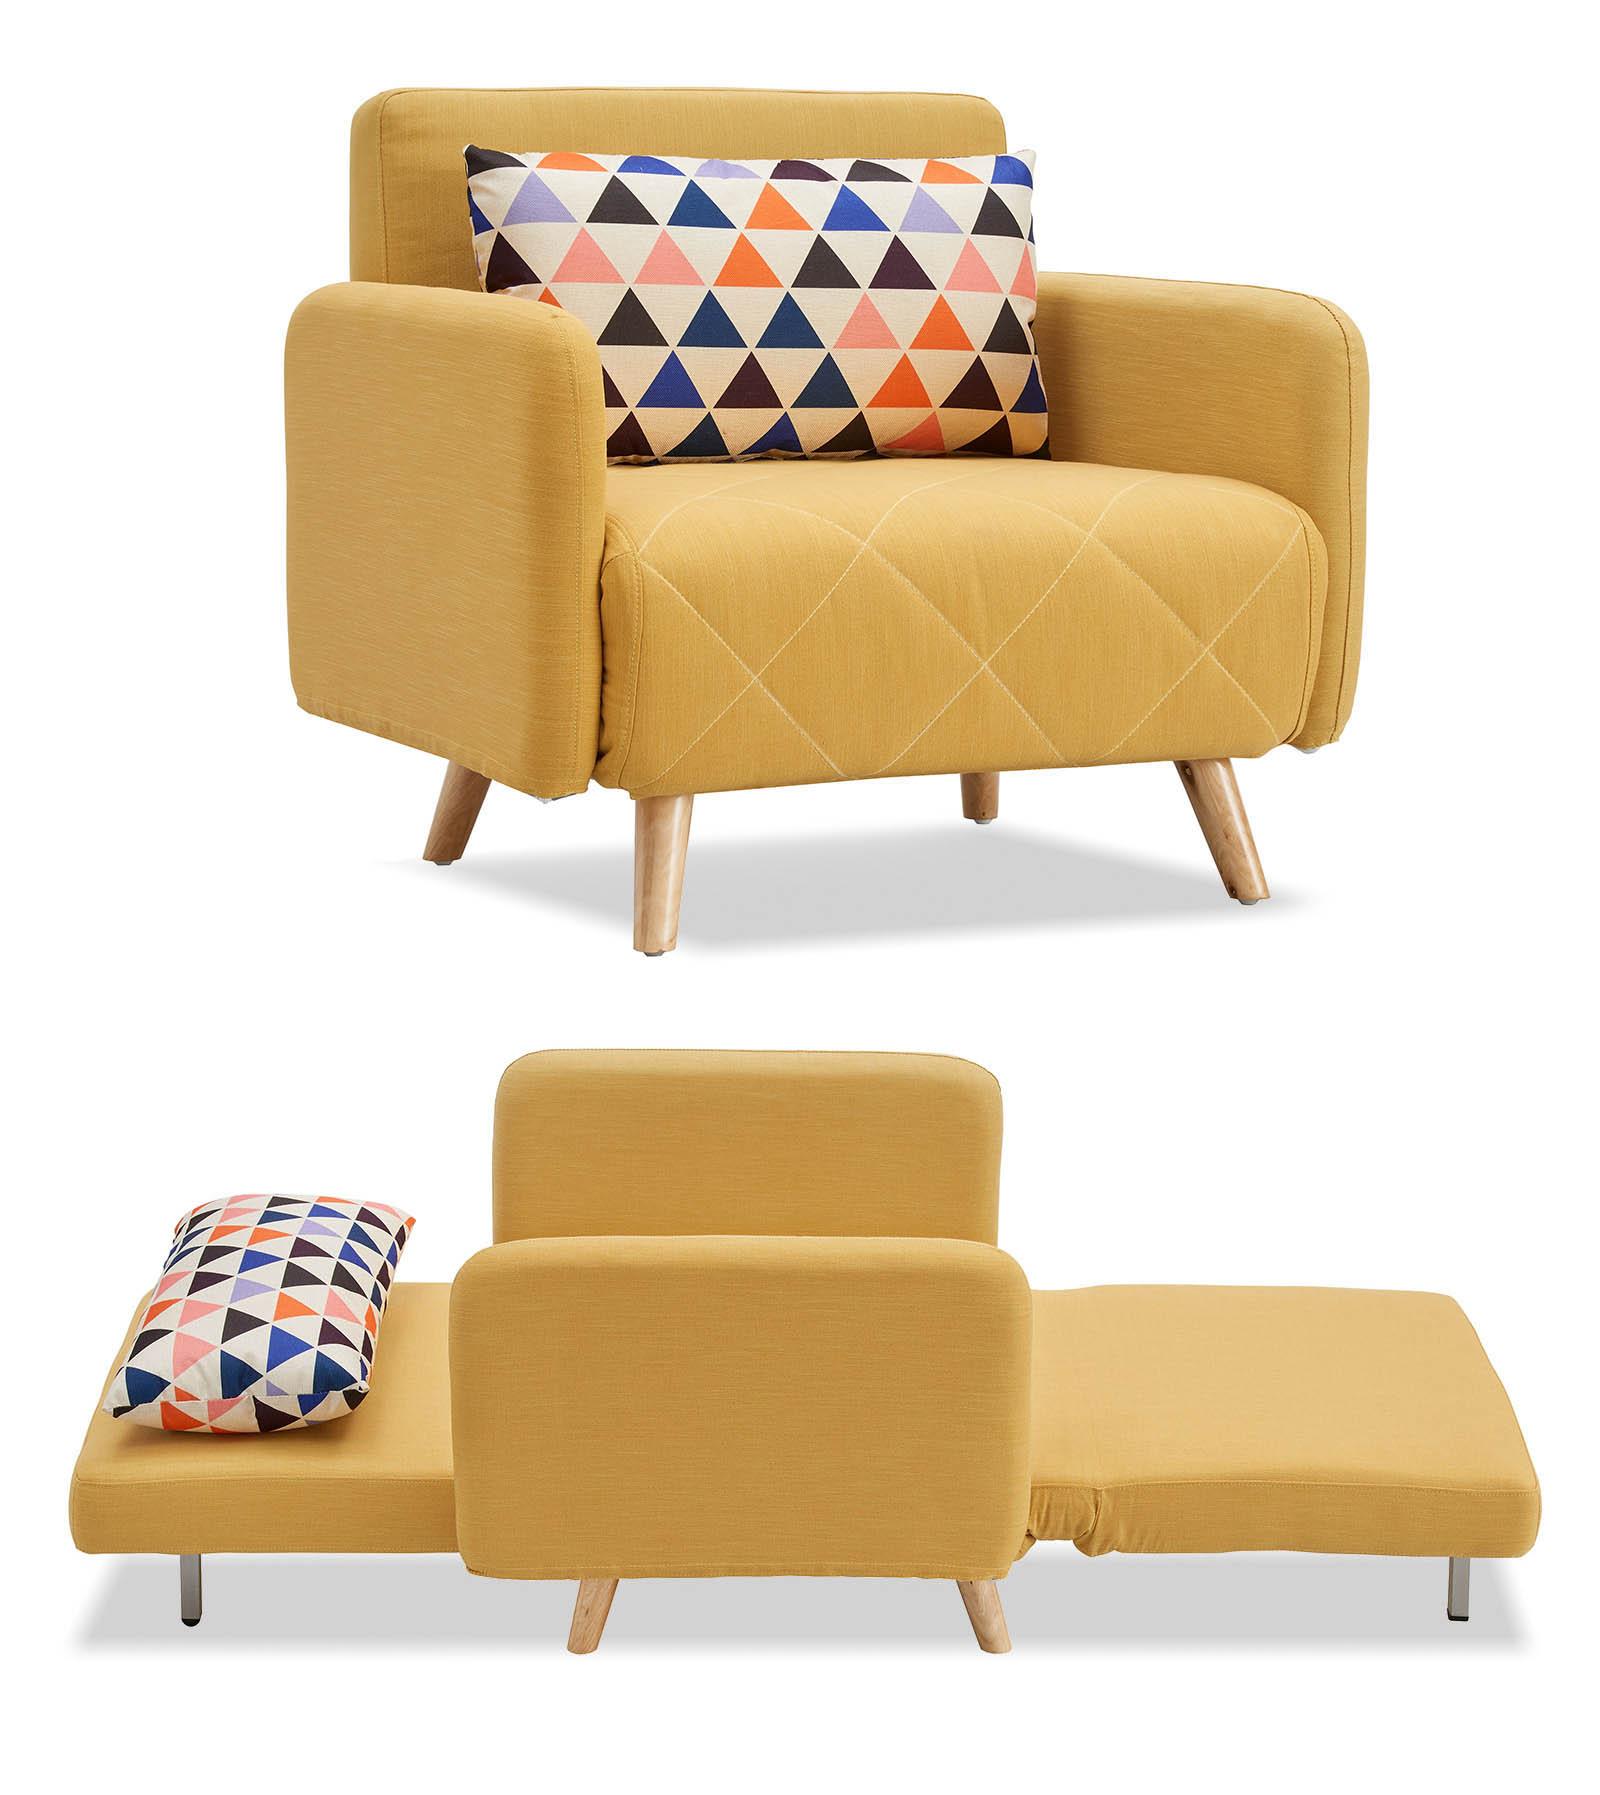 Кресло кровать Cardiff, желтый